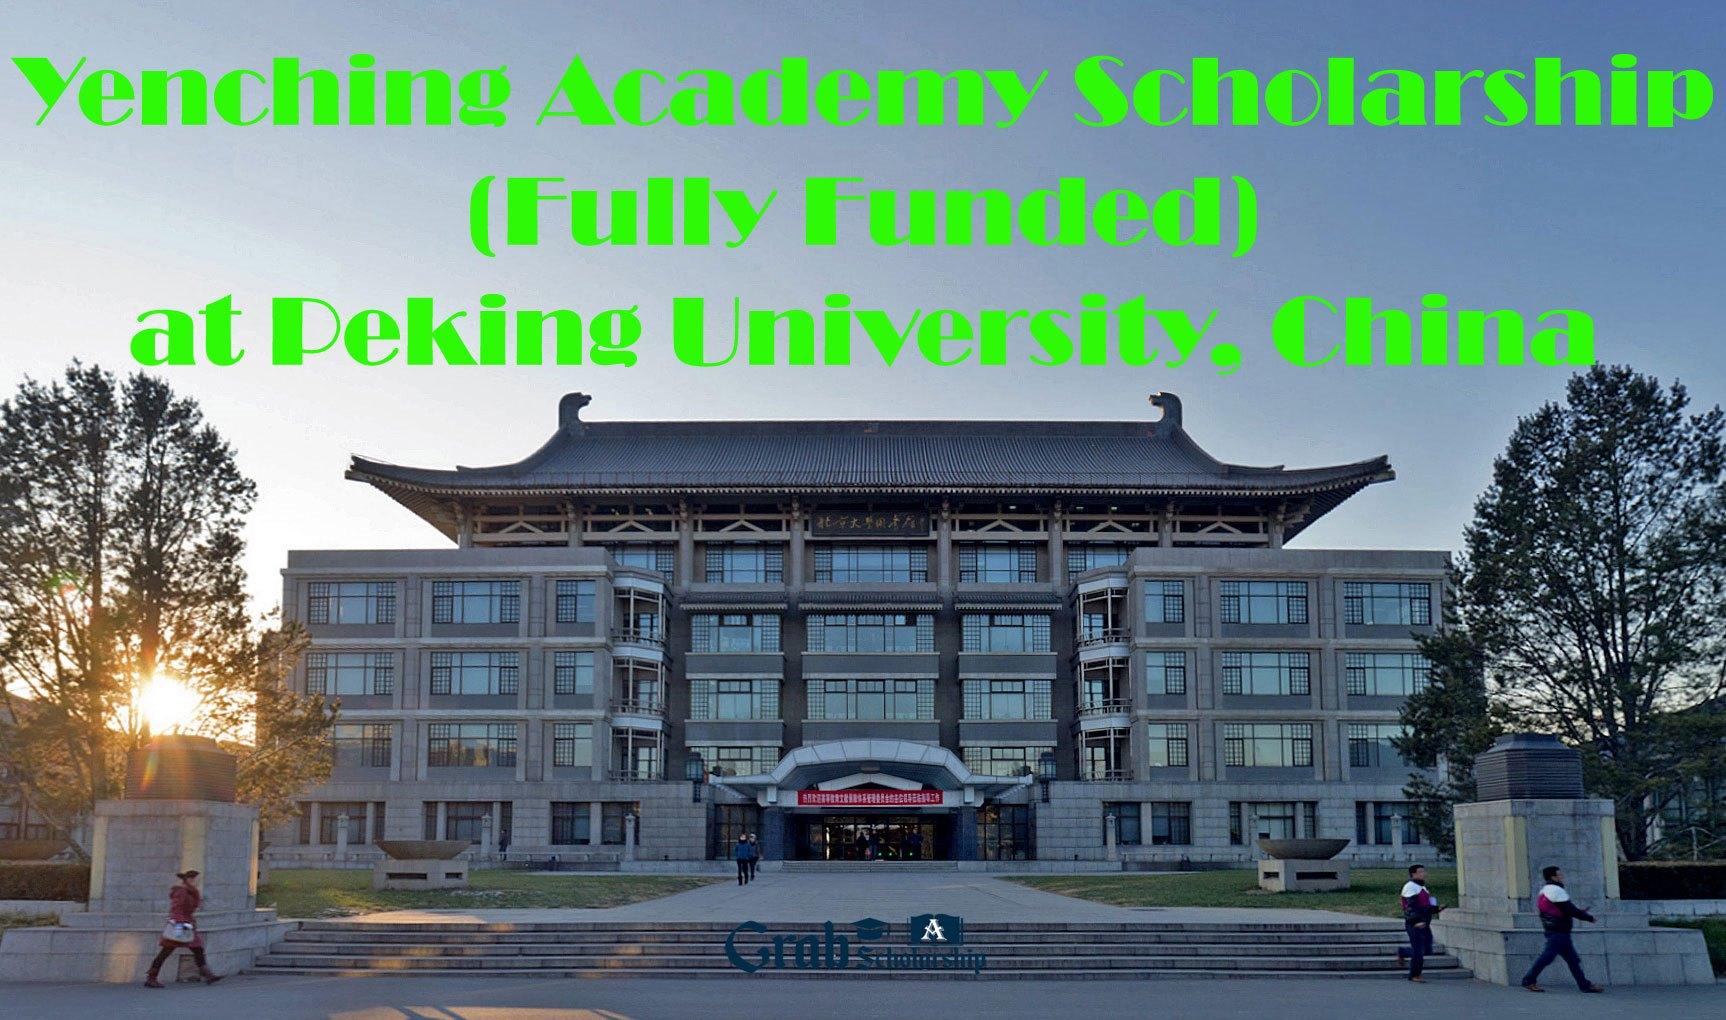 Yenching Academy Scholarship in China